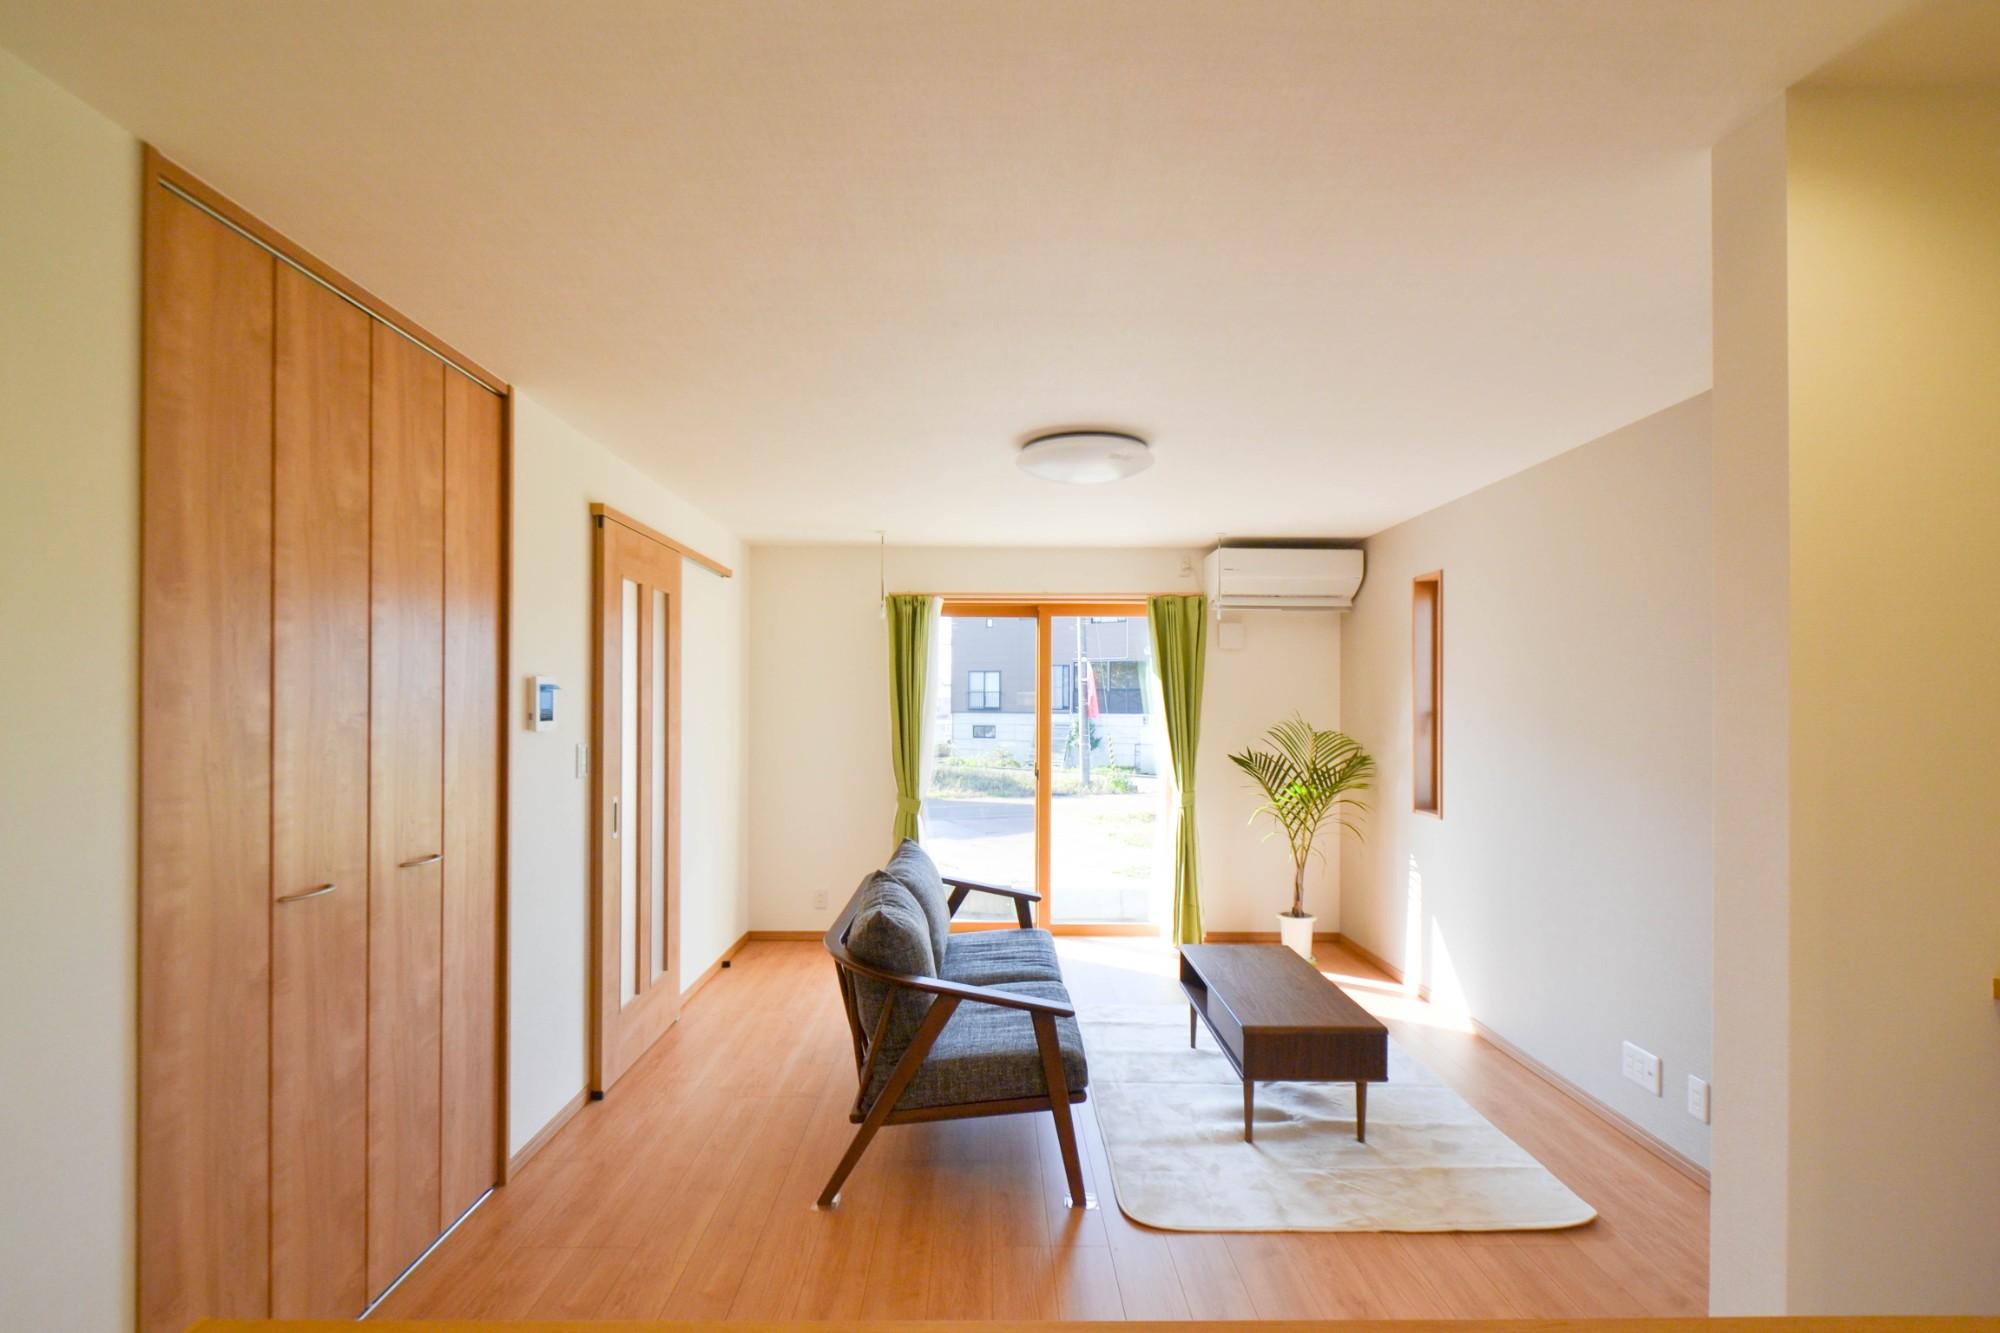 コモホームハセガワ株式会社「明るい家族の暖かい家」の実例写真